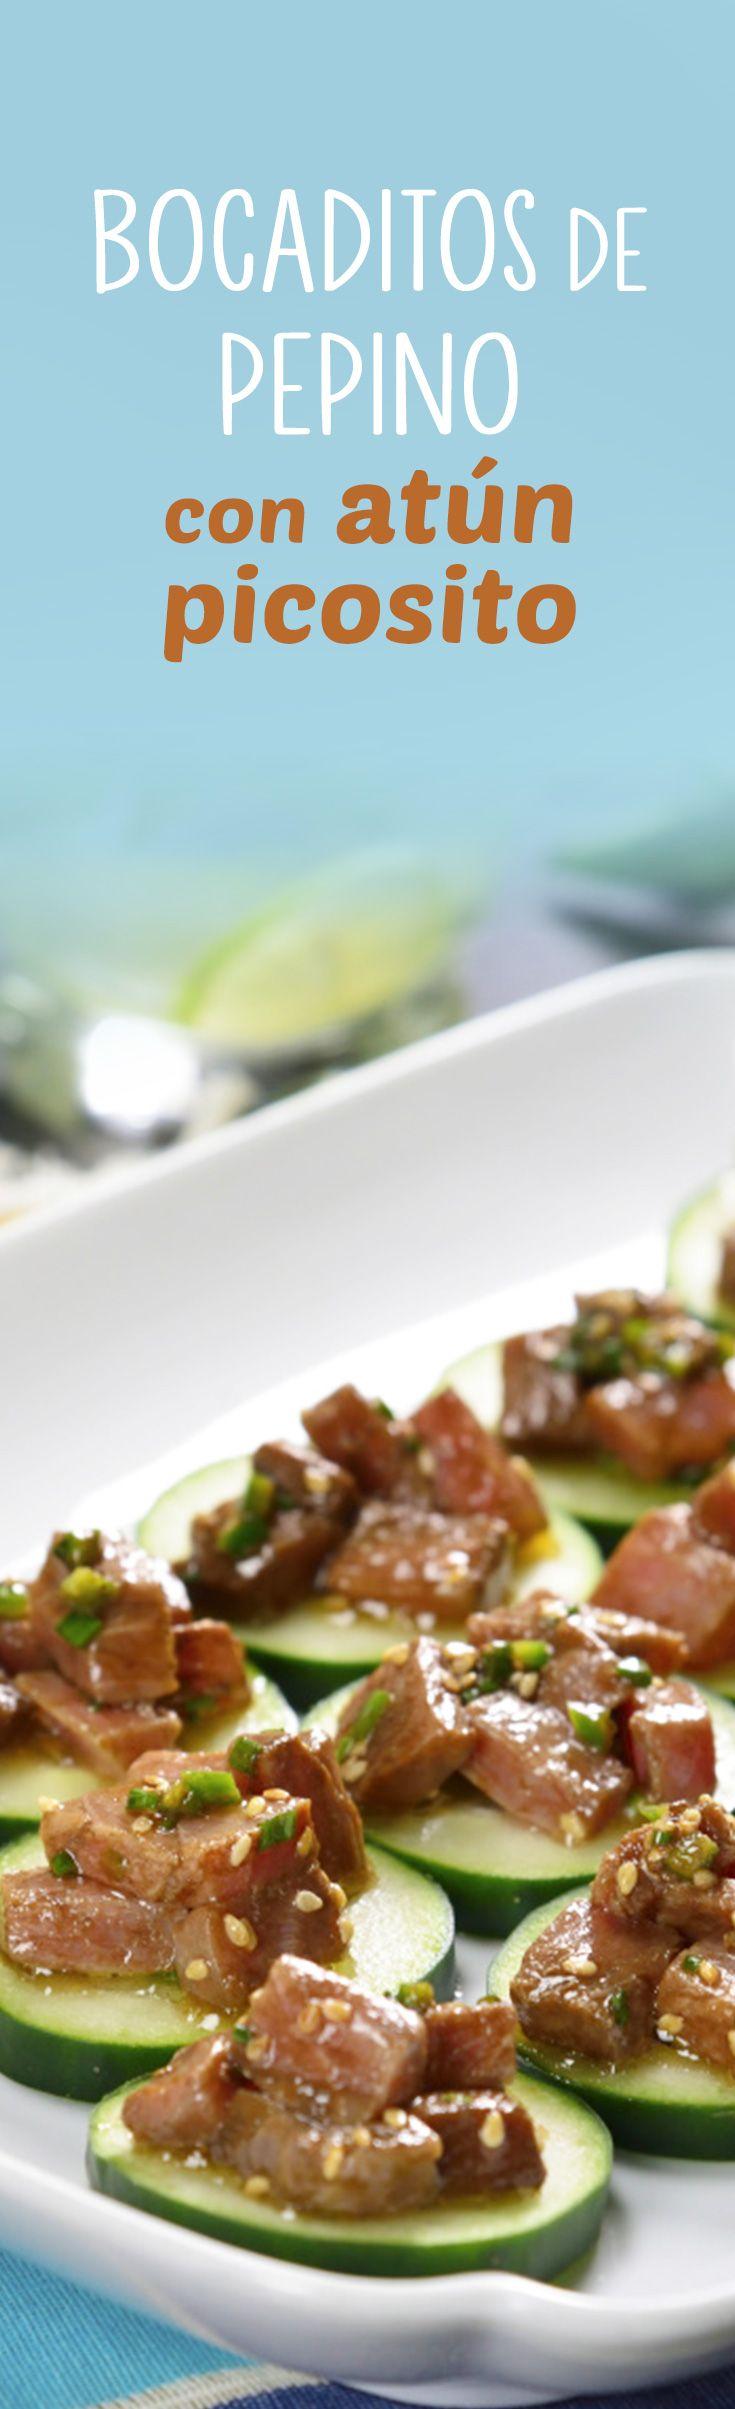 Estos bocaditos de pepino con atún picosito son la mejor opción para ofrecer como botana o entrada fría en cualquier evento. Jugoso atún marinado sobre una rebanada de pepino que además se prepara en 15 minutos.